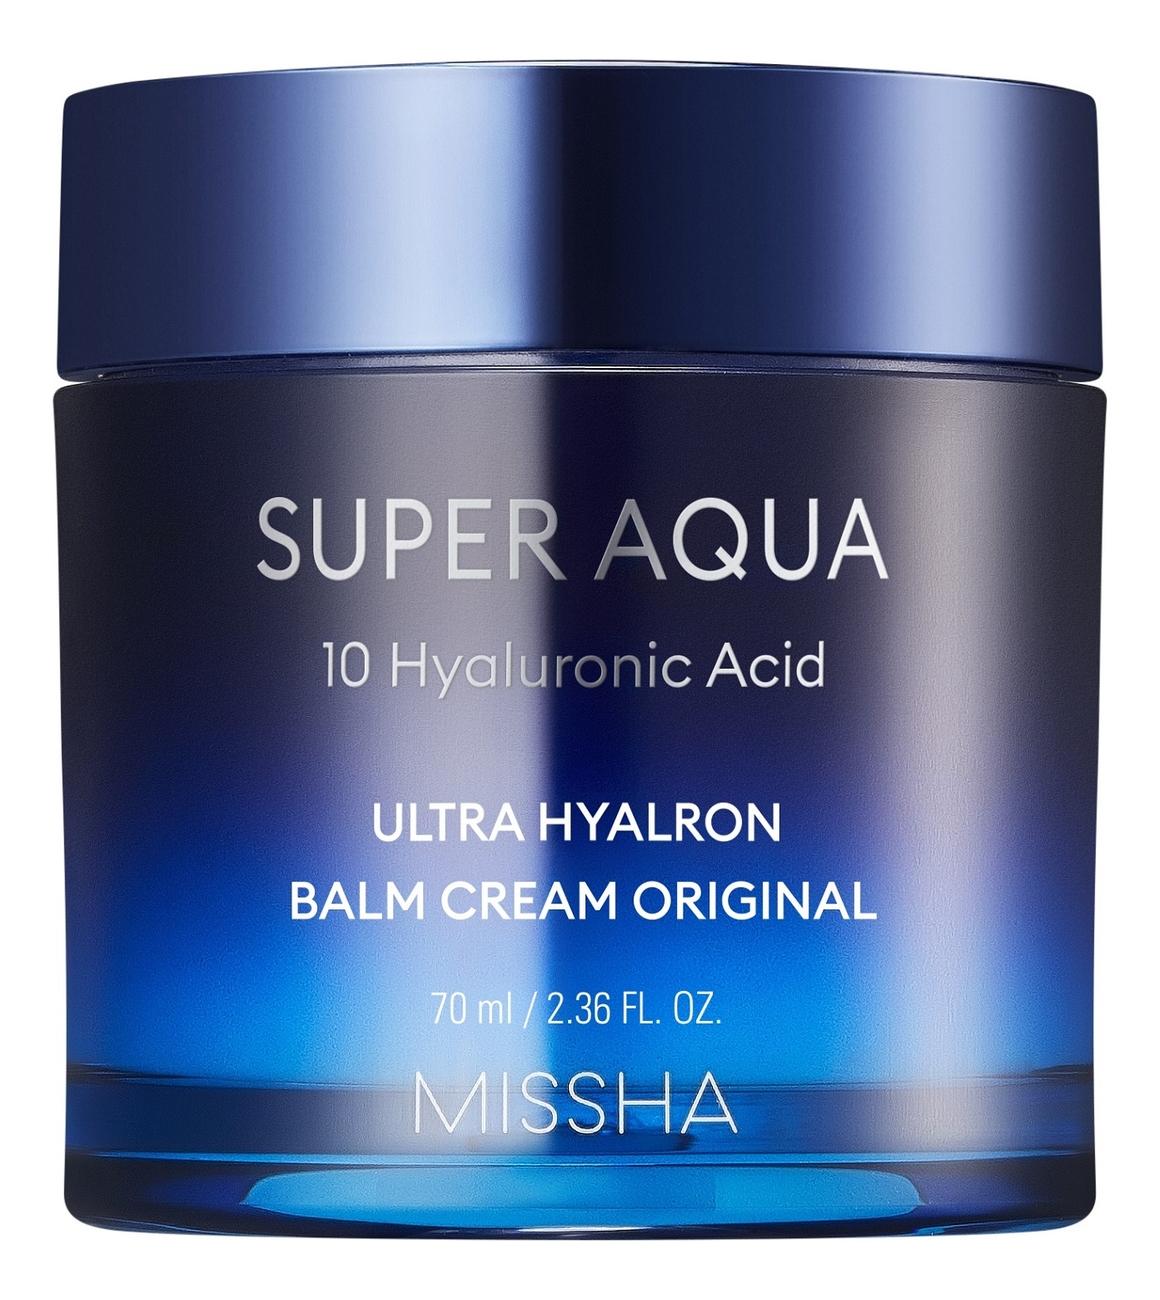 Увлажняющий крем-бальзам для лица Super Aqua Ultra Hyalron Balm Cream Original 70мл